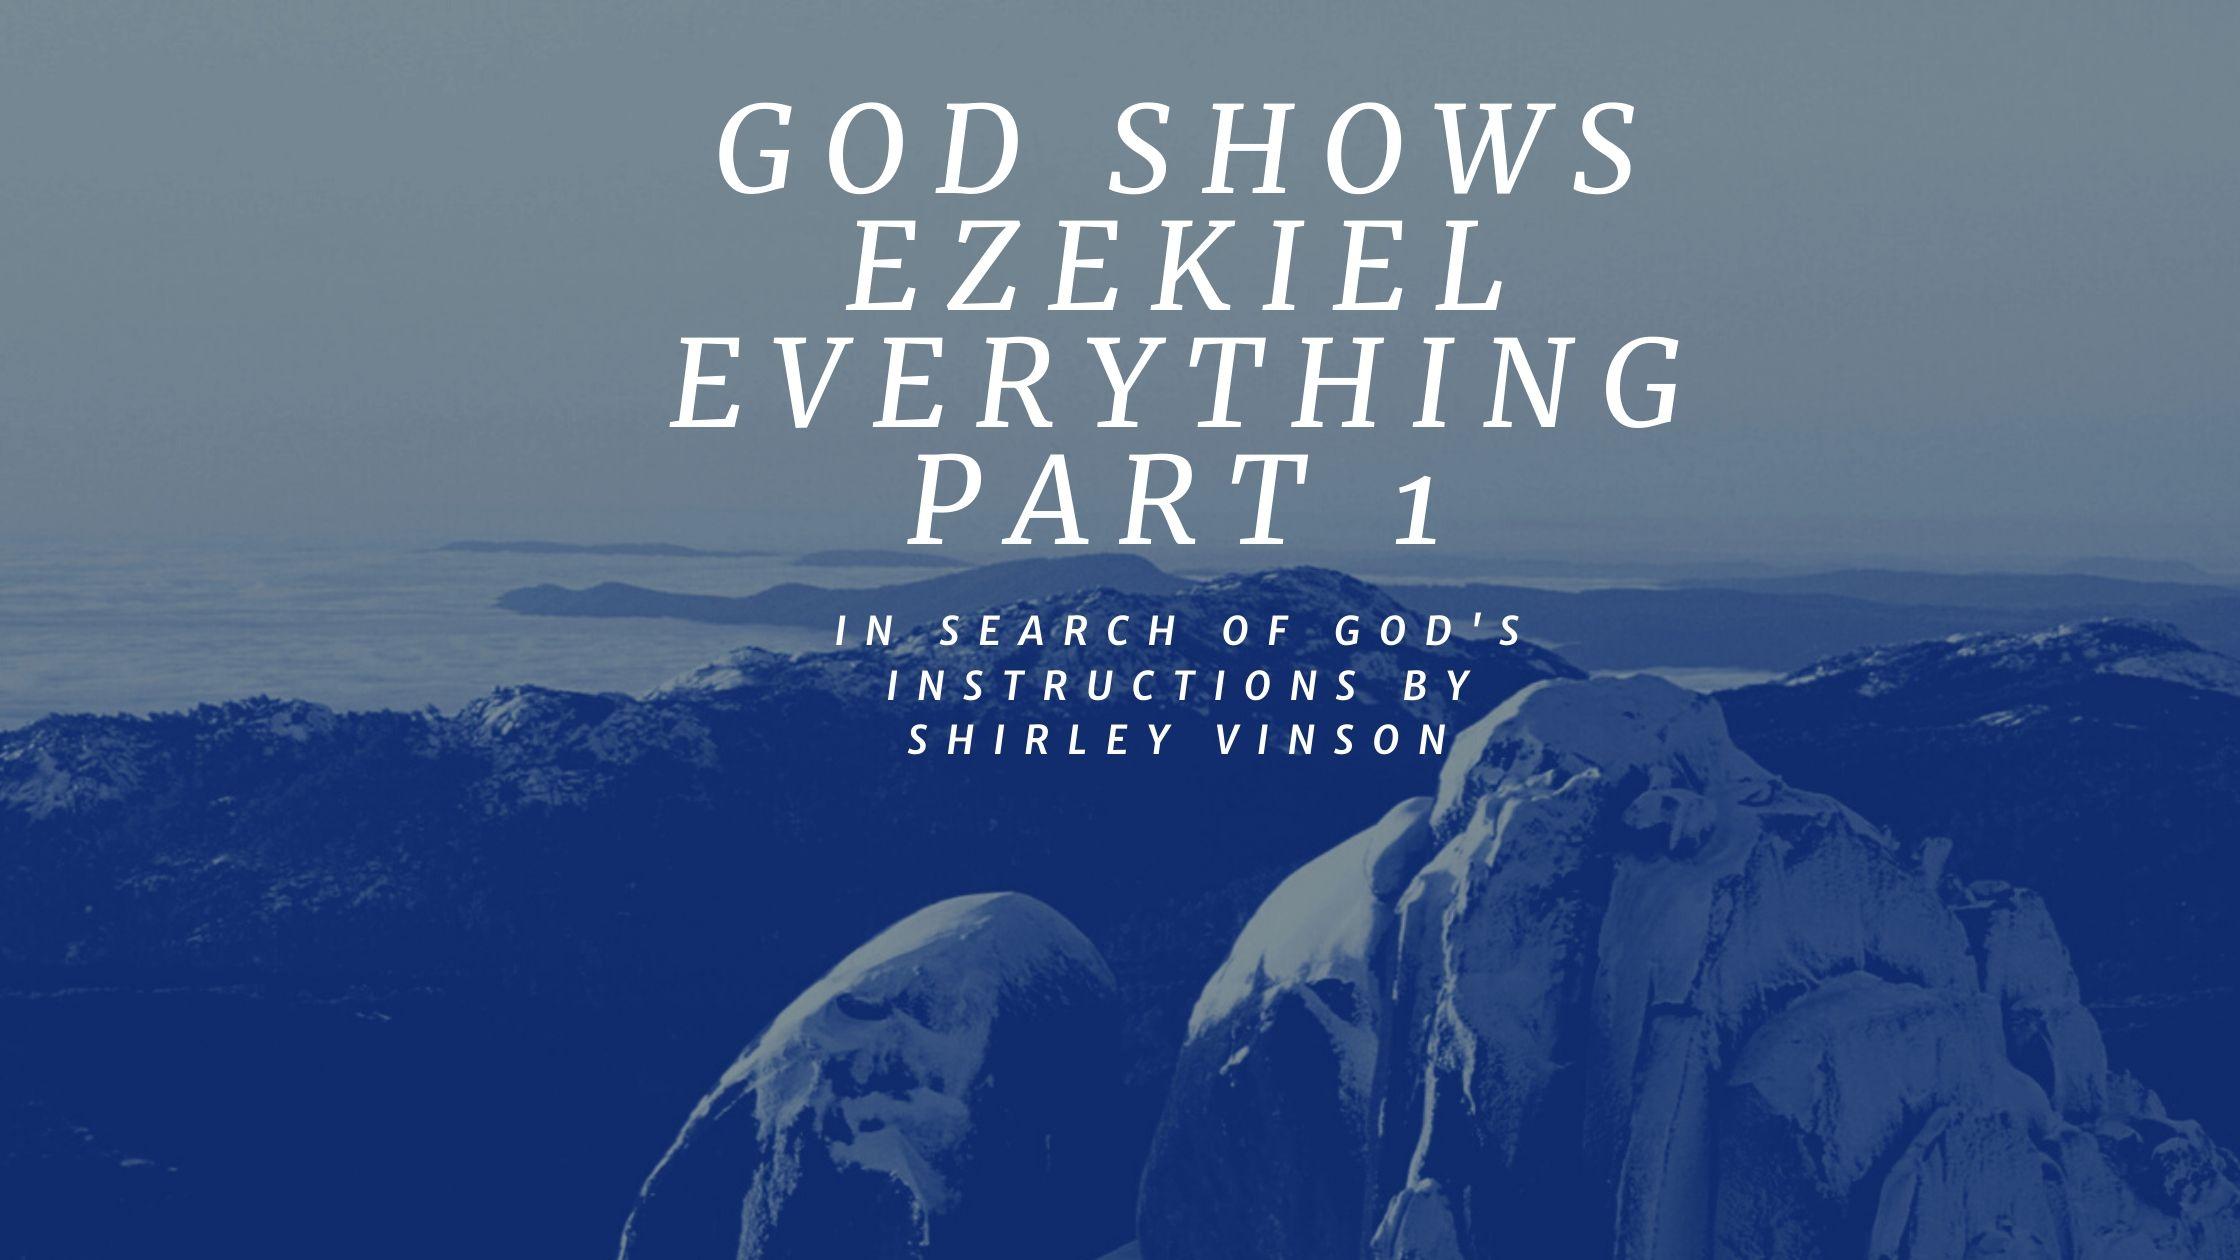 god-shows-ezekiel-everything-graphic-1